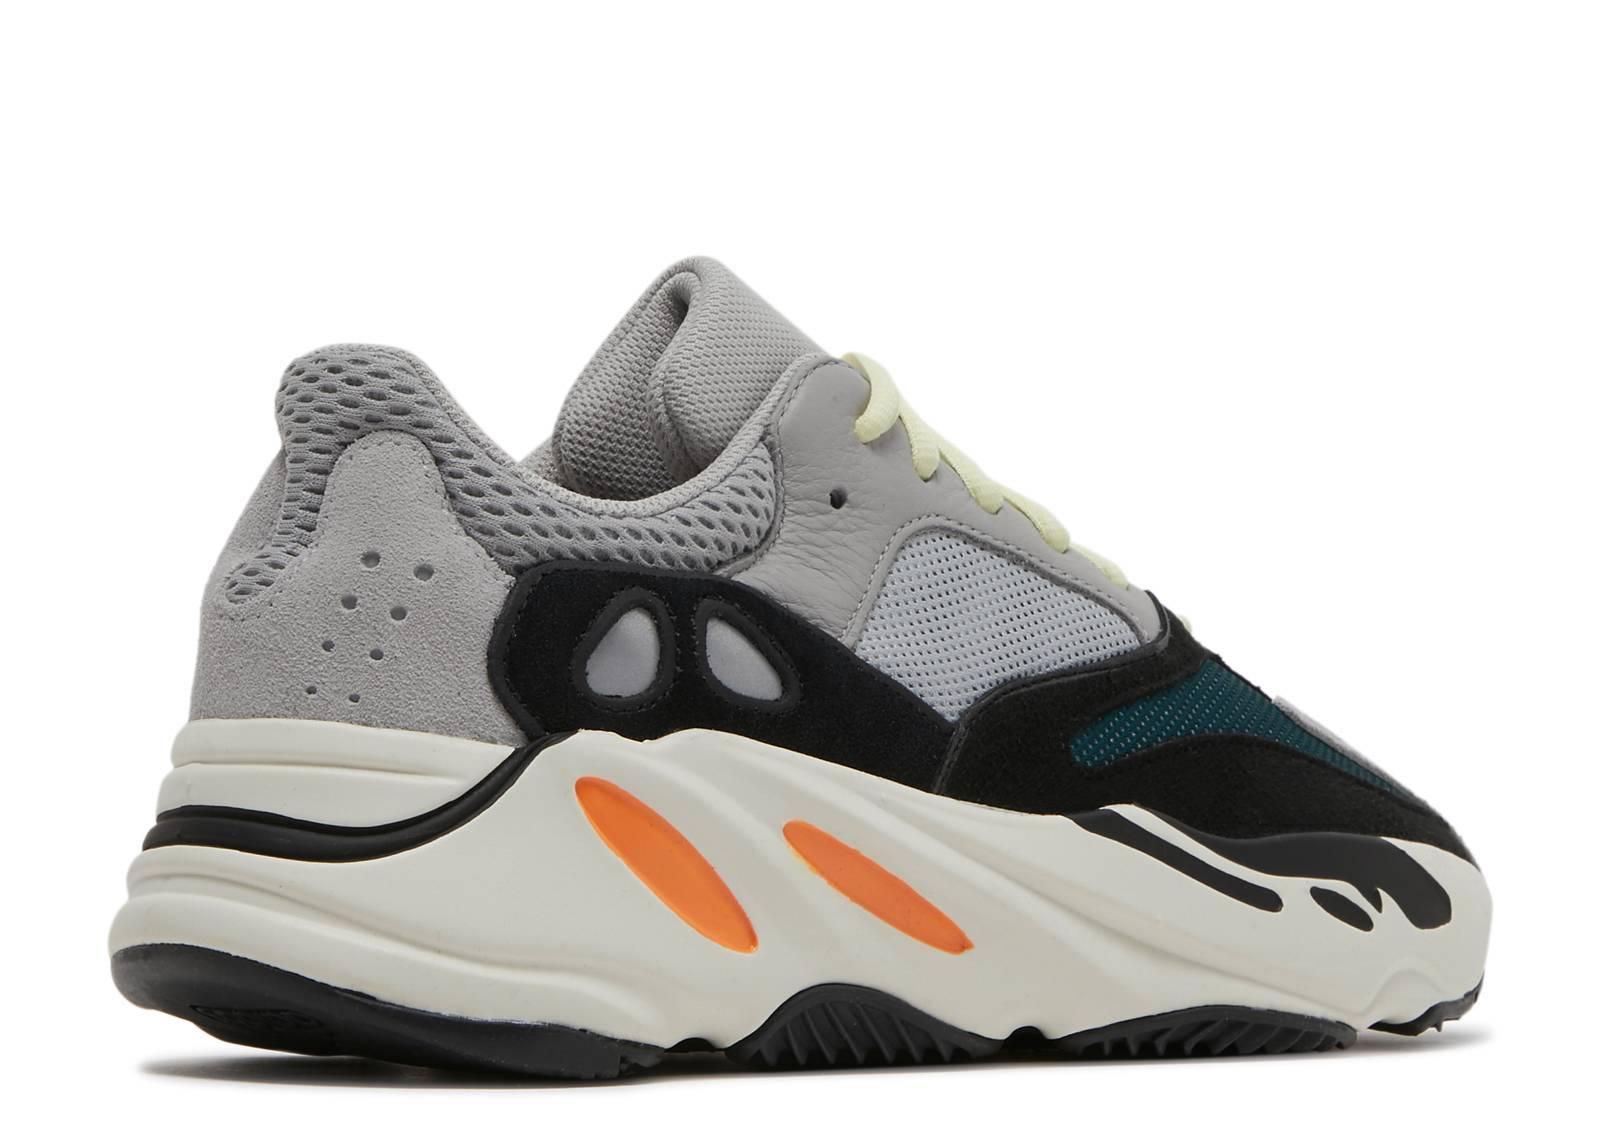 adidas Yeezy Boost 700 *Inertia* | Online und Instore Raffle